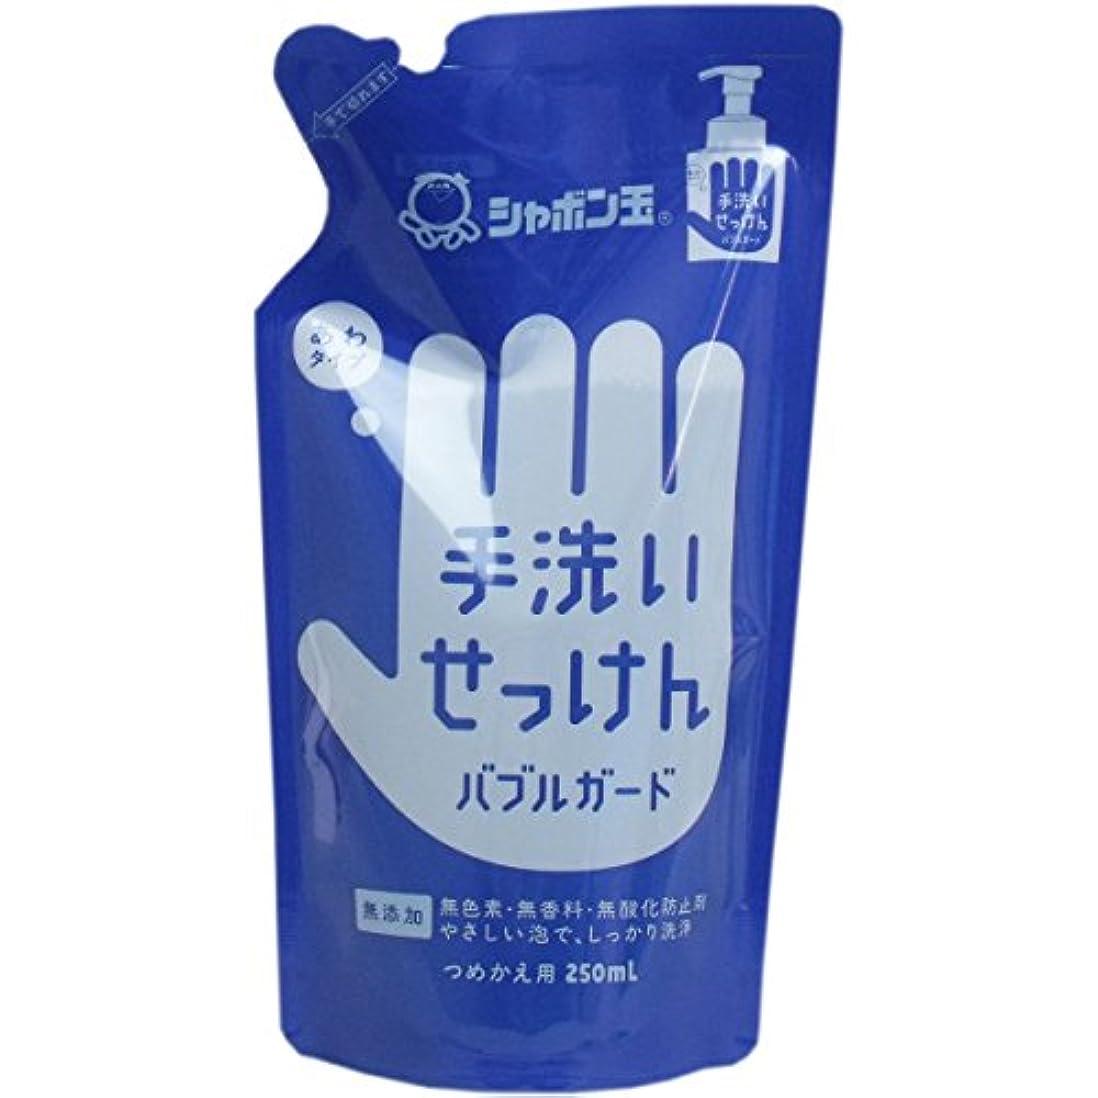 大気謙虚な構成員シャボン玉石けん 手洗いせっけん バブルガード 詰め替え用 250ml 【12個セット】